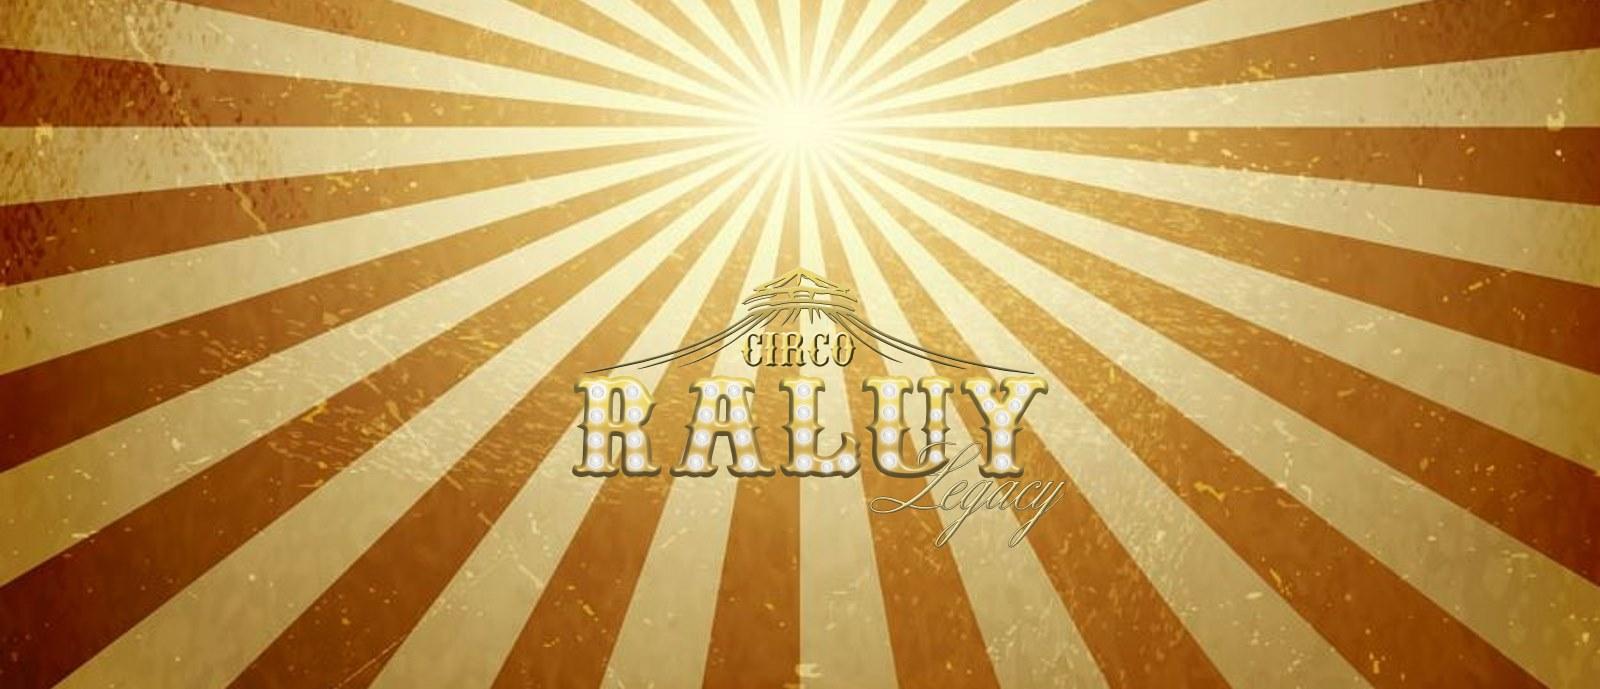 Logotipo del Circo Raluy